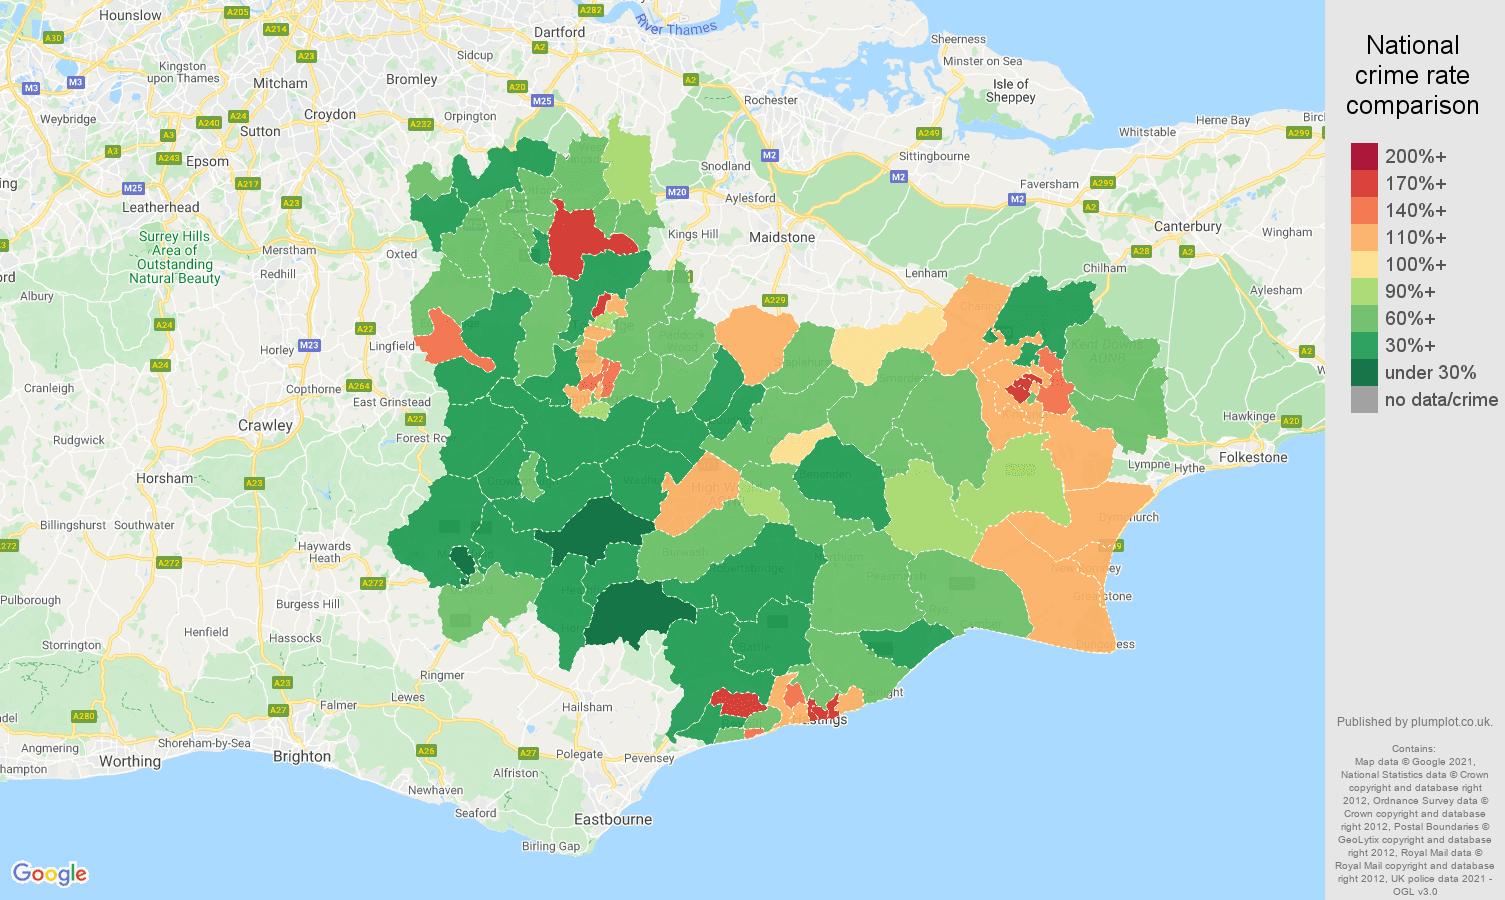 Tonbridge violent crime rate comparison map